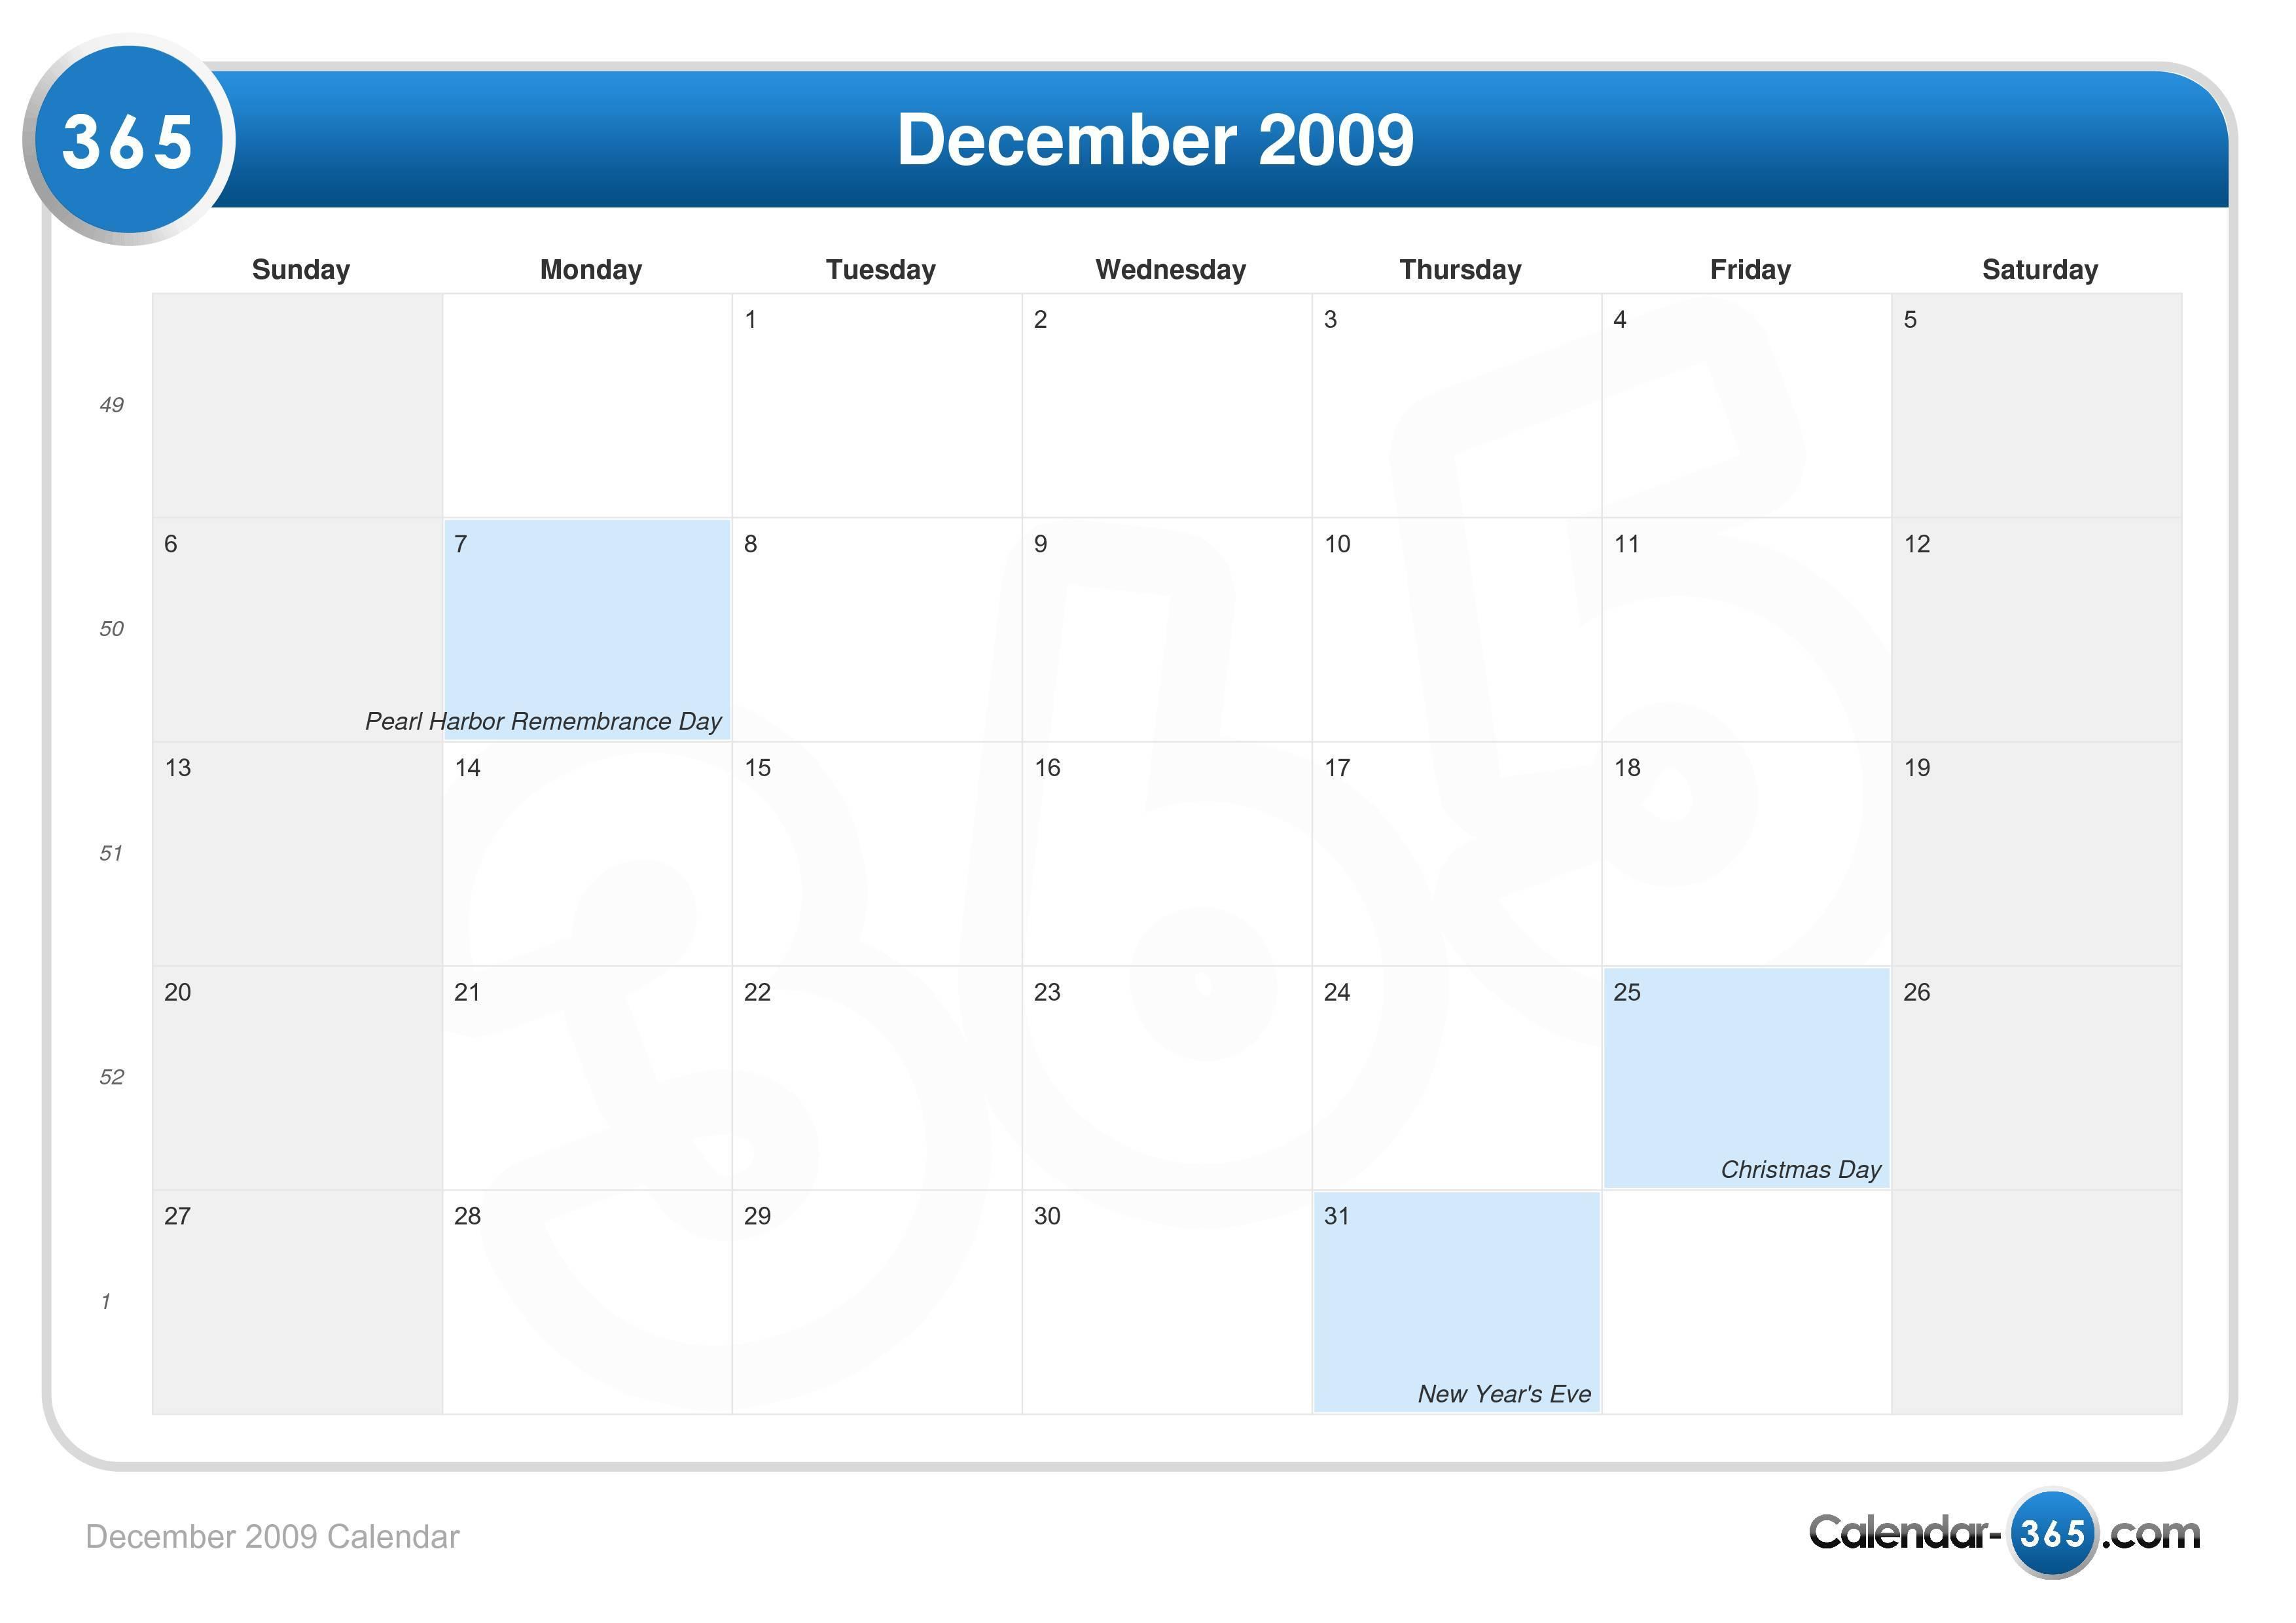 Dec 2009 del 1